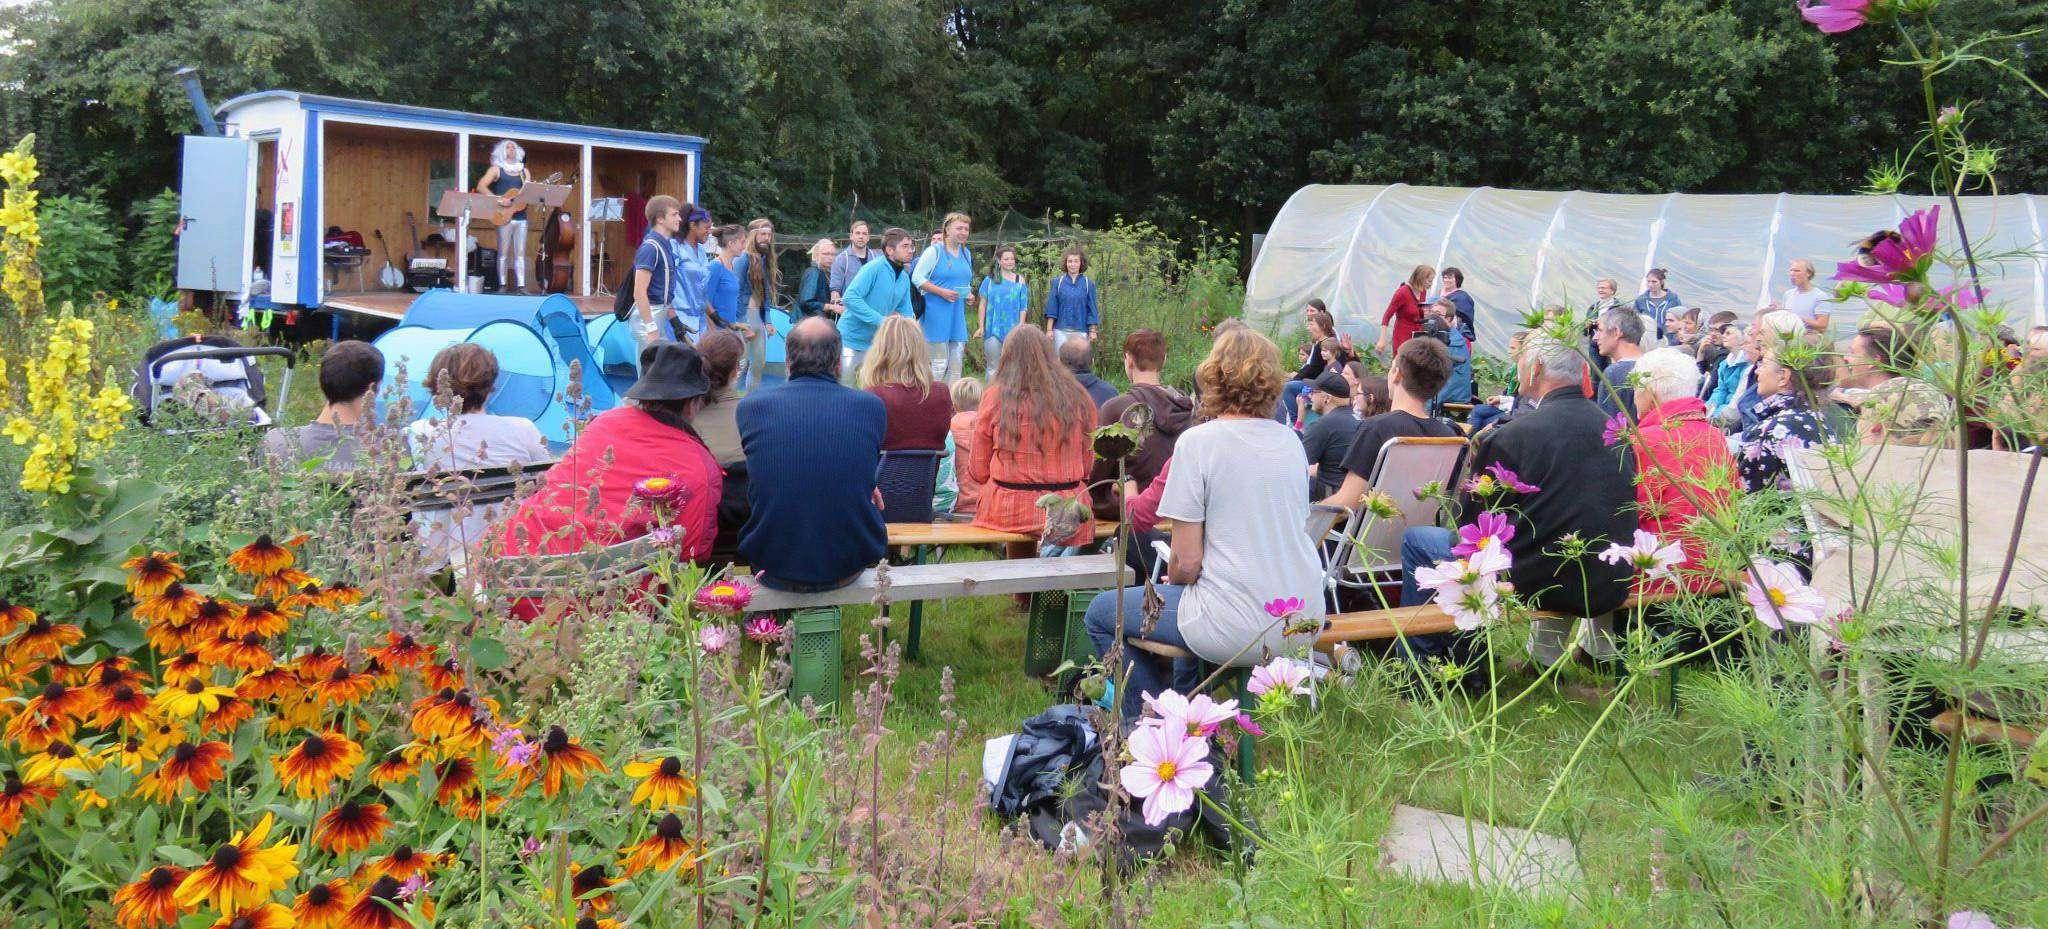 Der Gemeinschaftsgarten in Quelkhorn bot als Aufführungsort eine ungewöhnliche Kulisse für ein Theaterstück. Foto: Elke Keppler-Rosenau